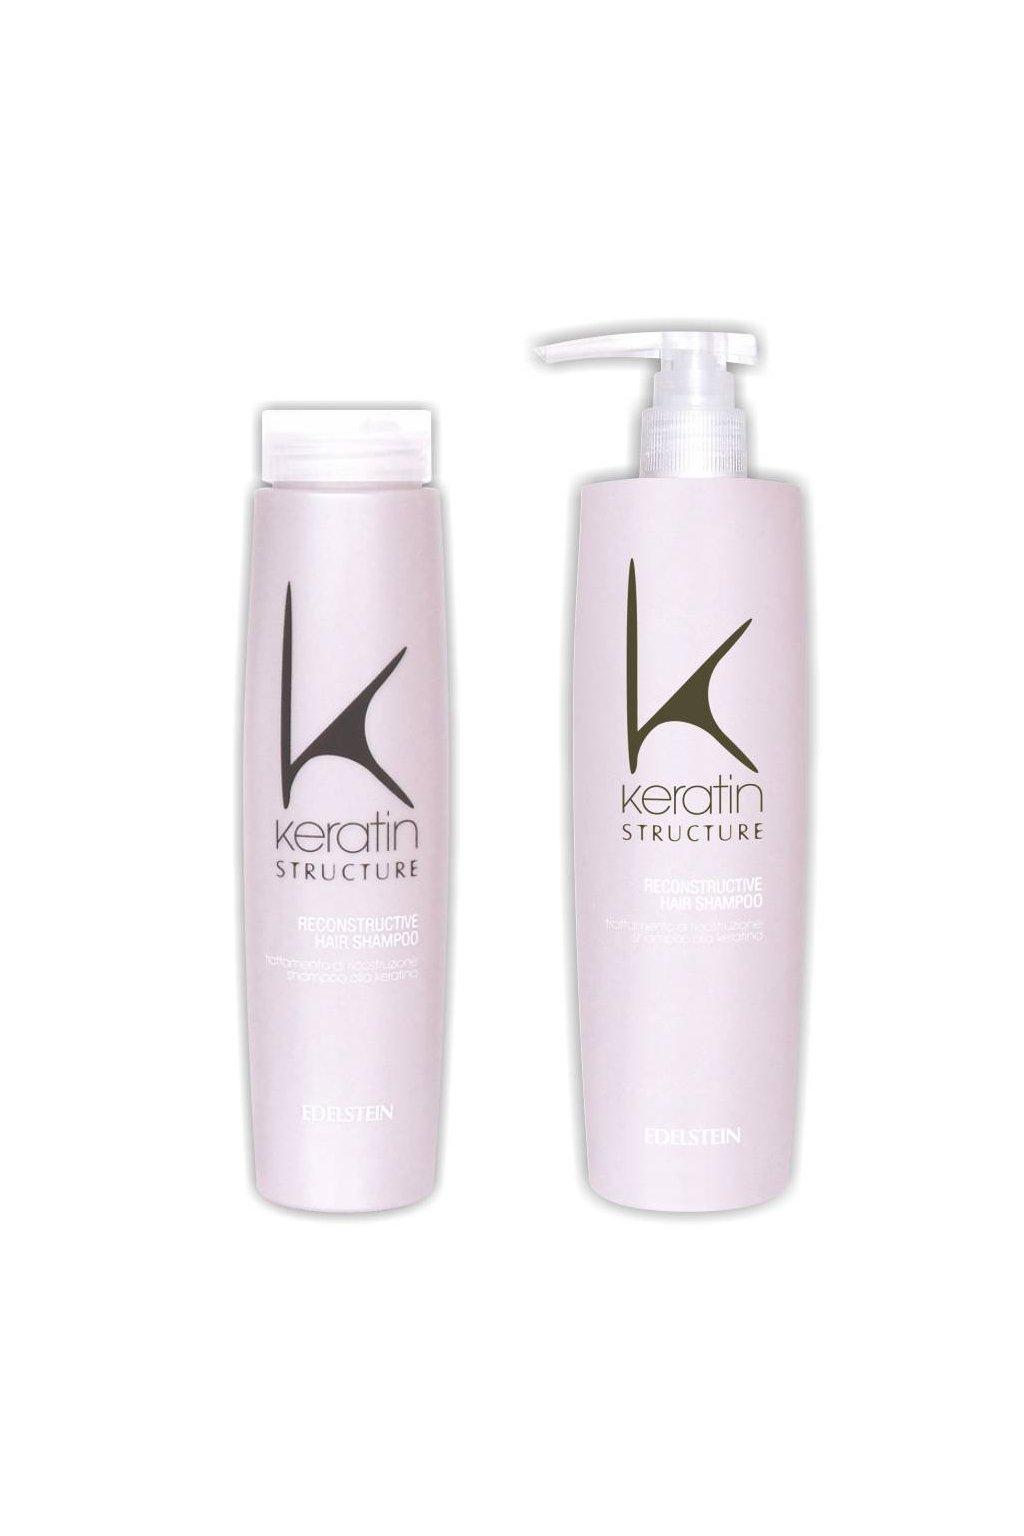 Keratin Structure Šampon hloubkově obnovující a posilující s keratinem (Obsah 250 ml)